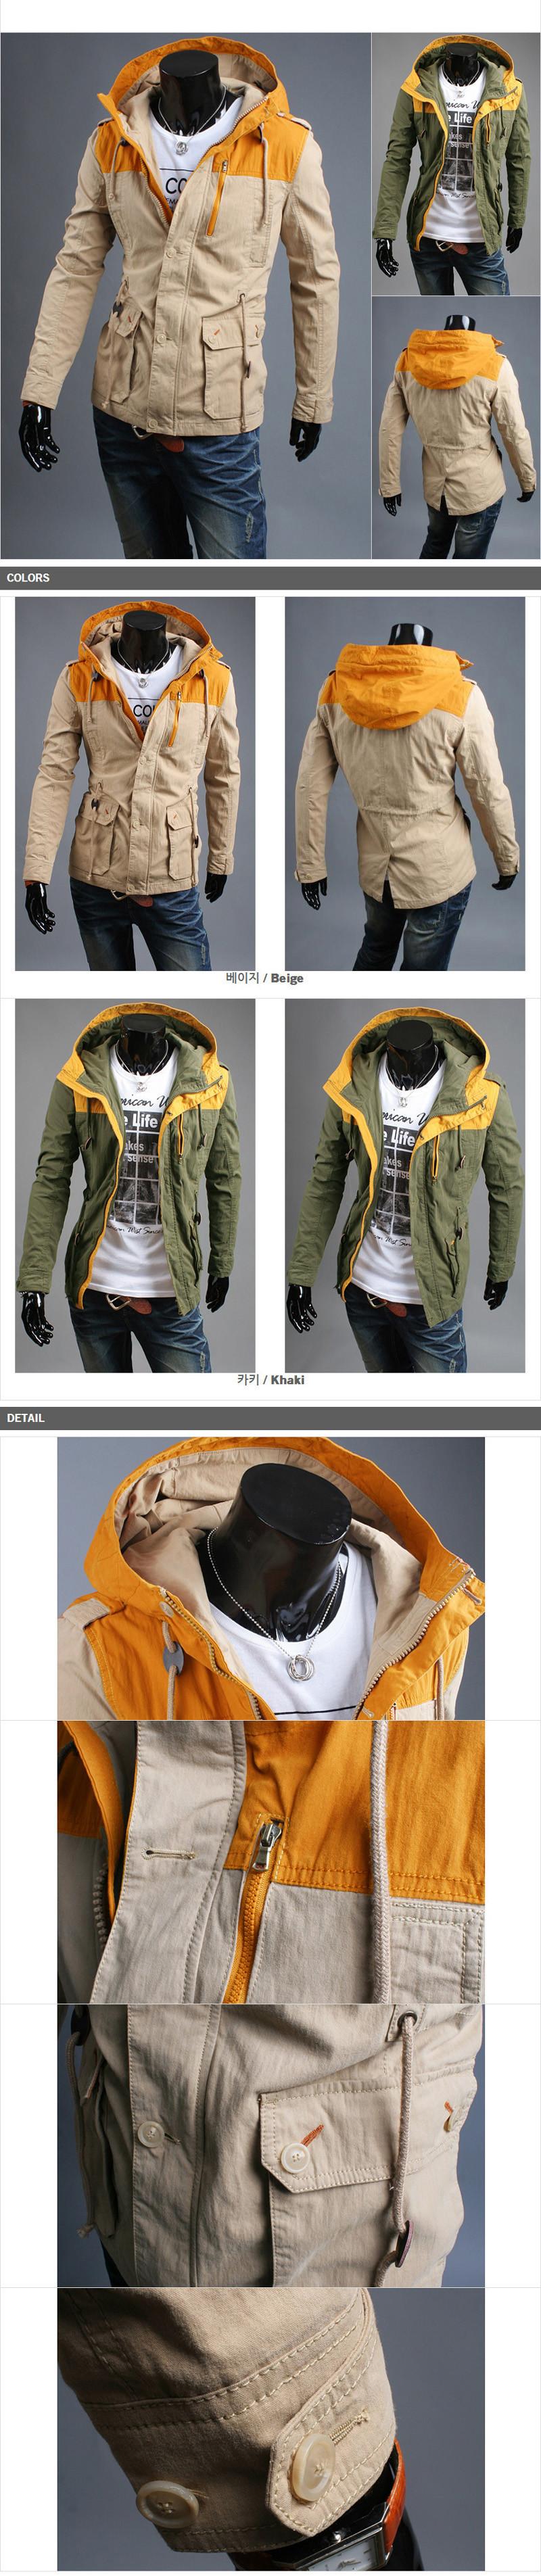 осень и зима мода новинка свободного покроя куртки мужчины, верхняя одежда мужская пальто куртка, красочные тонкий 2цвет-95658